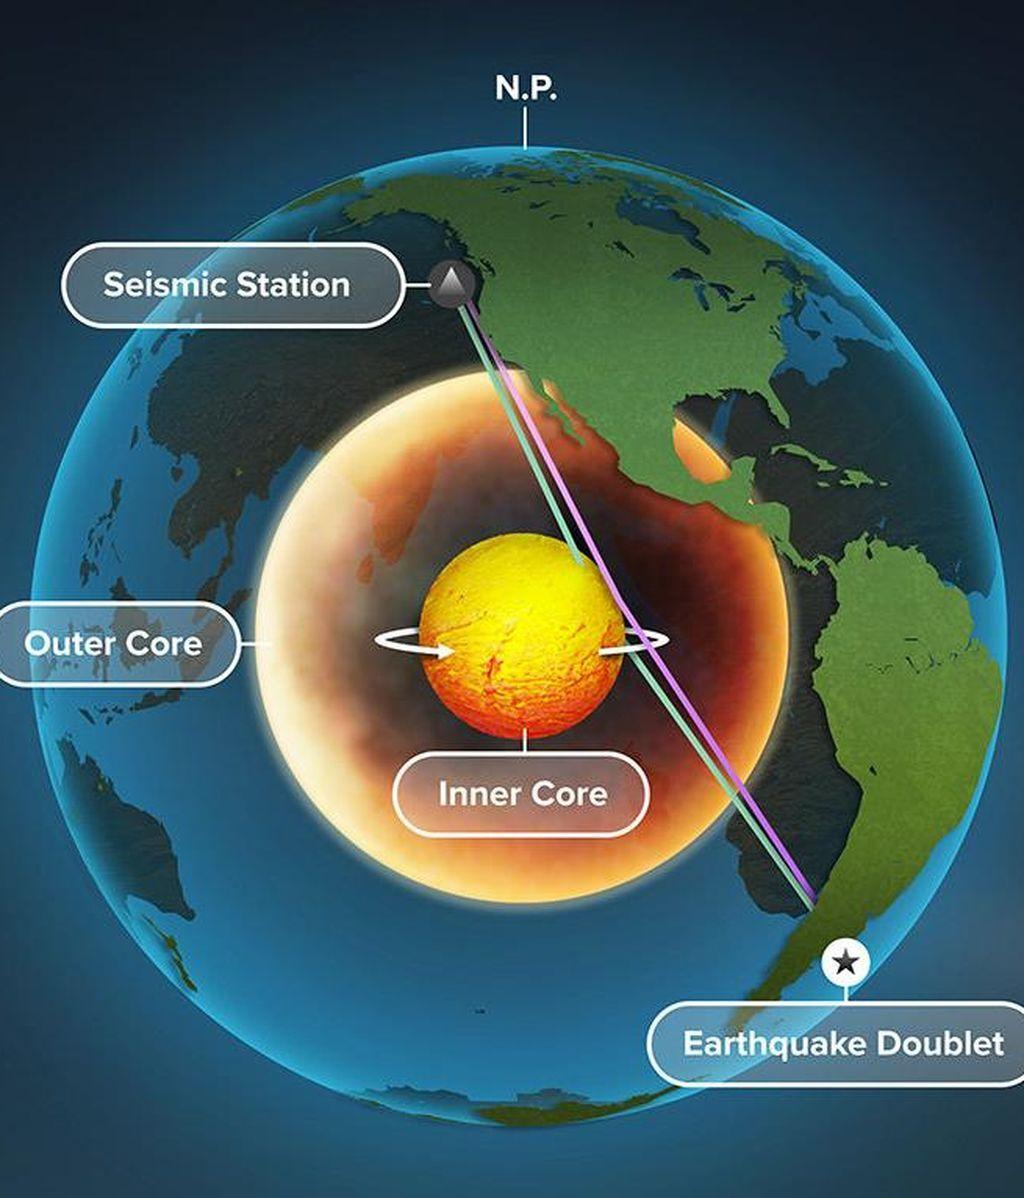 El núcleo interno de la Tierra está girando según revelan las señales sísmicas